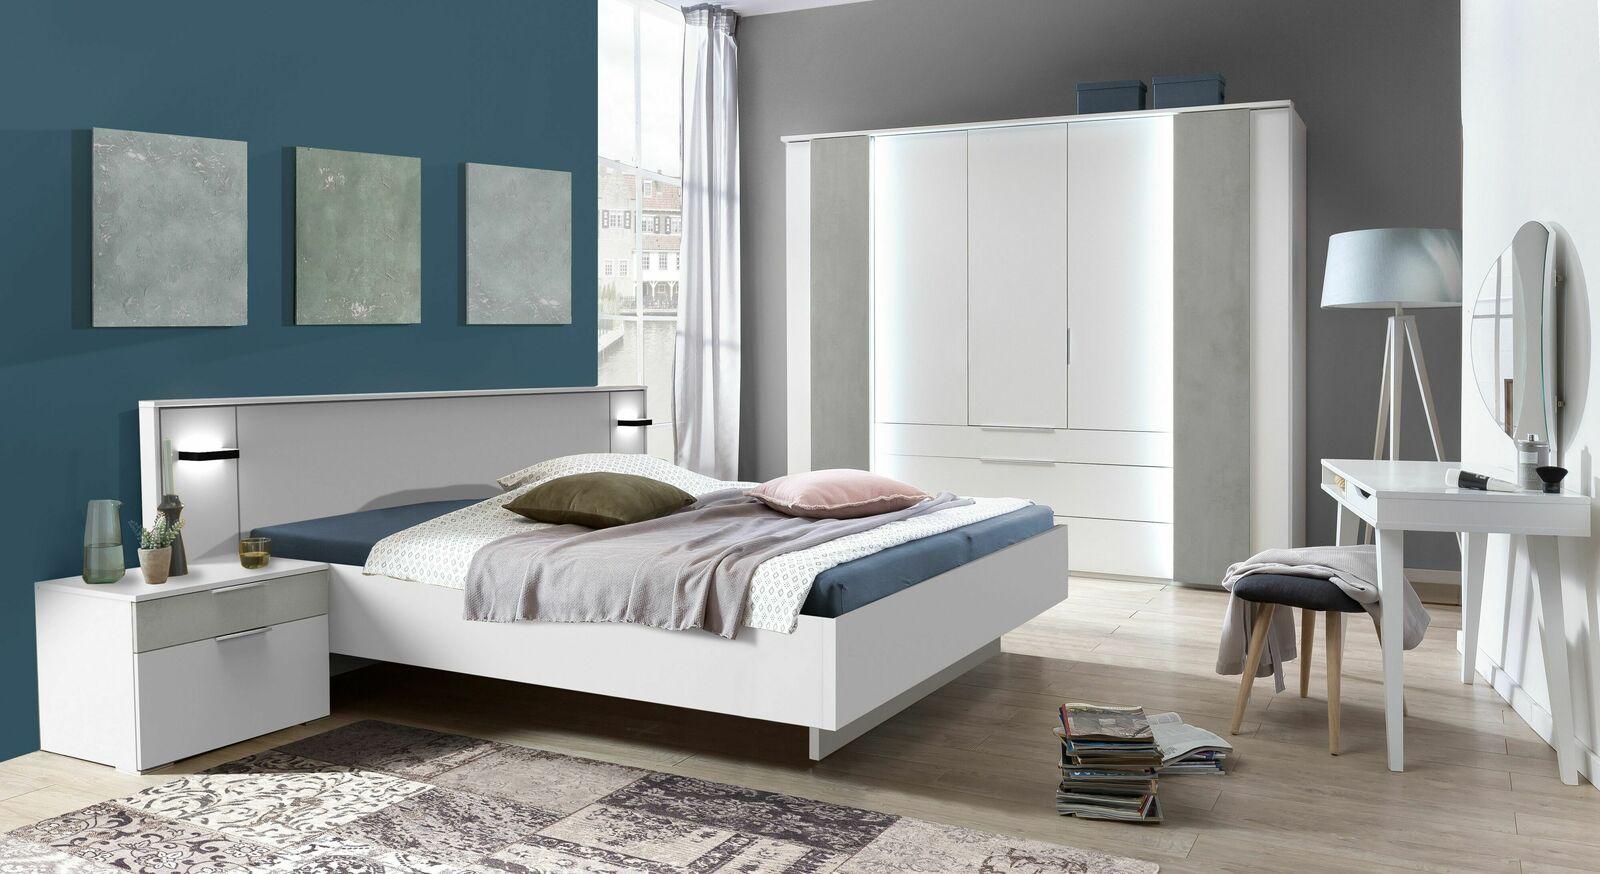 Komplett-Schlafzimmer in alpinweißem Dekor mit Absetzton